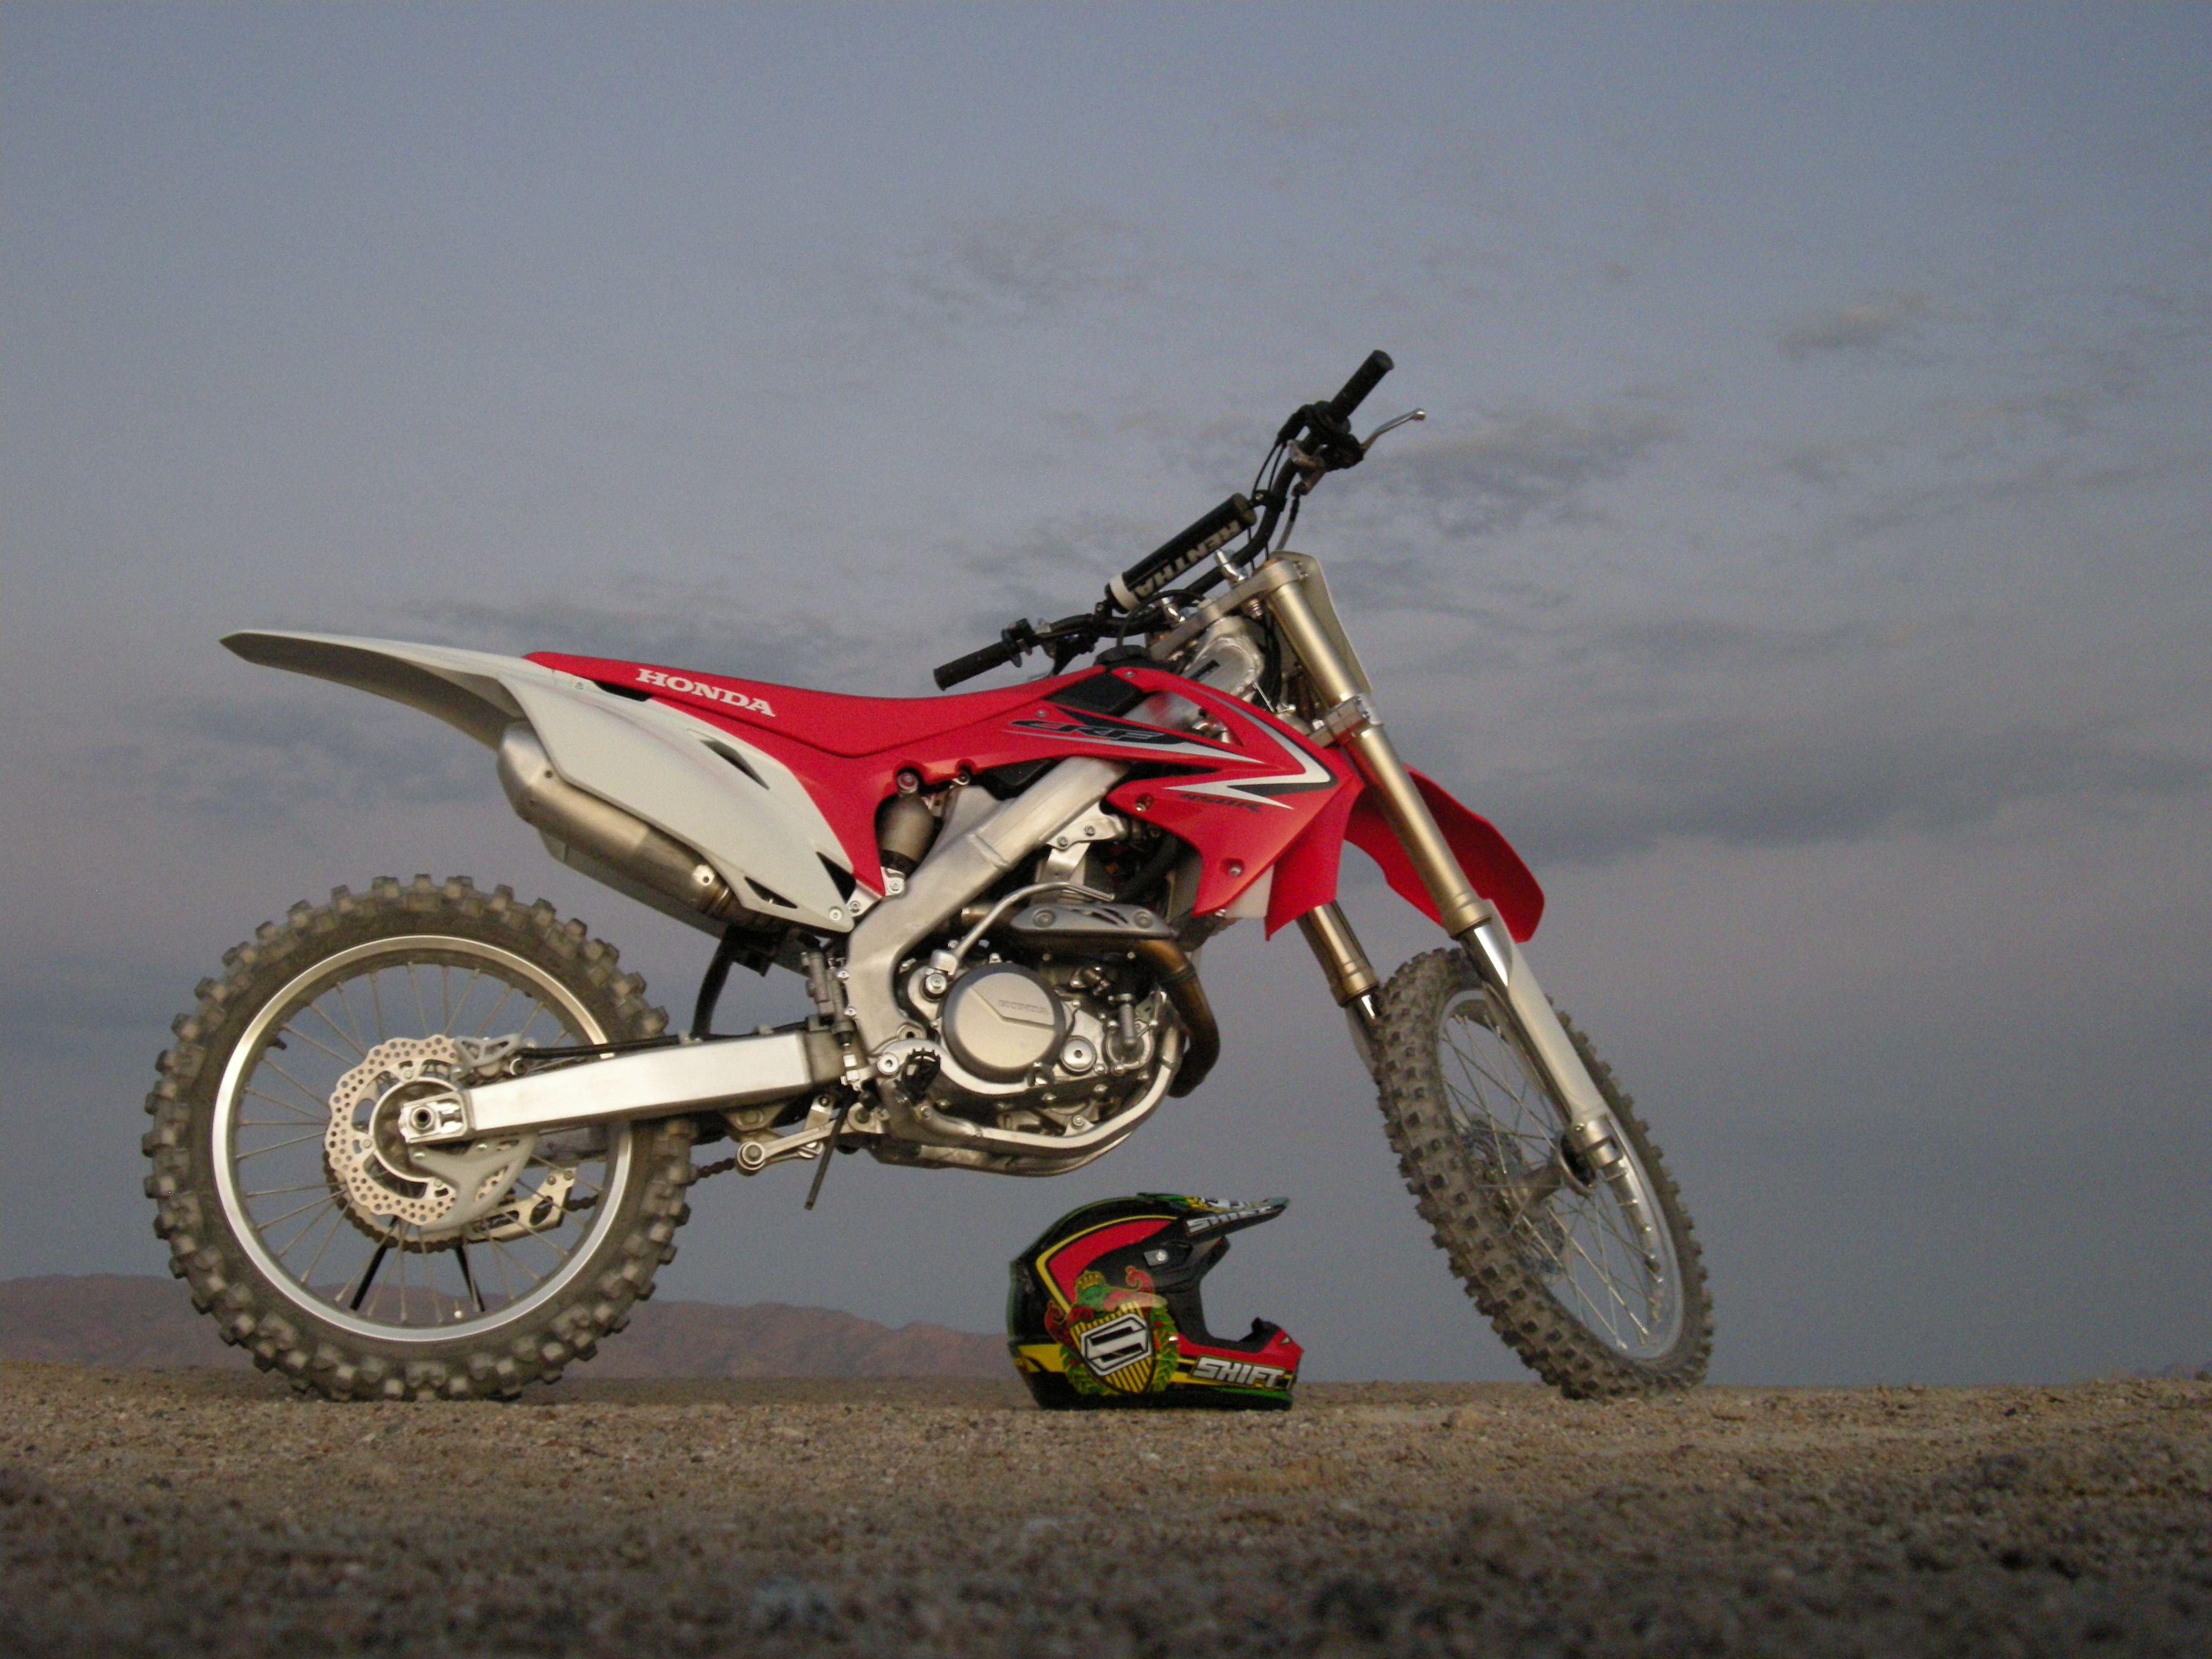 2010 Honda Crf250x Dirt Bike Honda Bike Dirt Bike